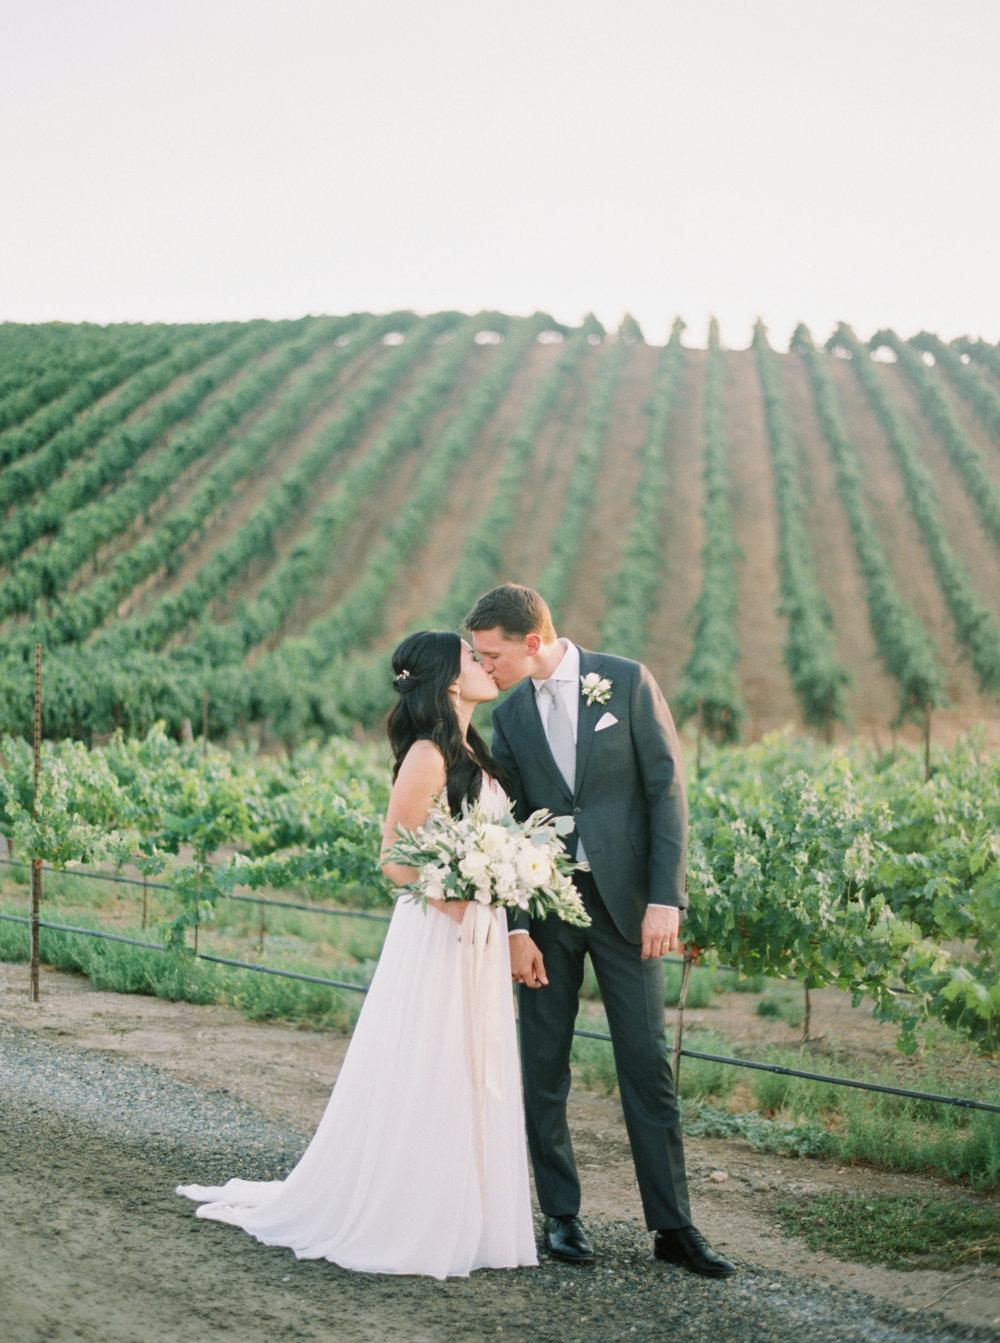 trynhphoto_sandiego_orangecounty_temecula_sf_weddingphotographer_KN-313.jpg